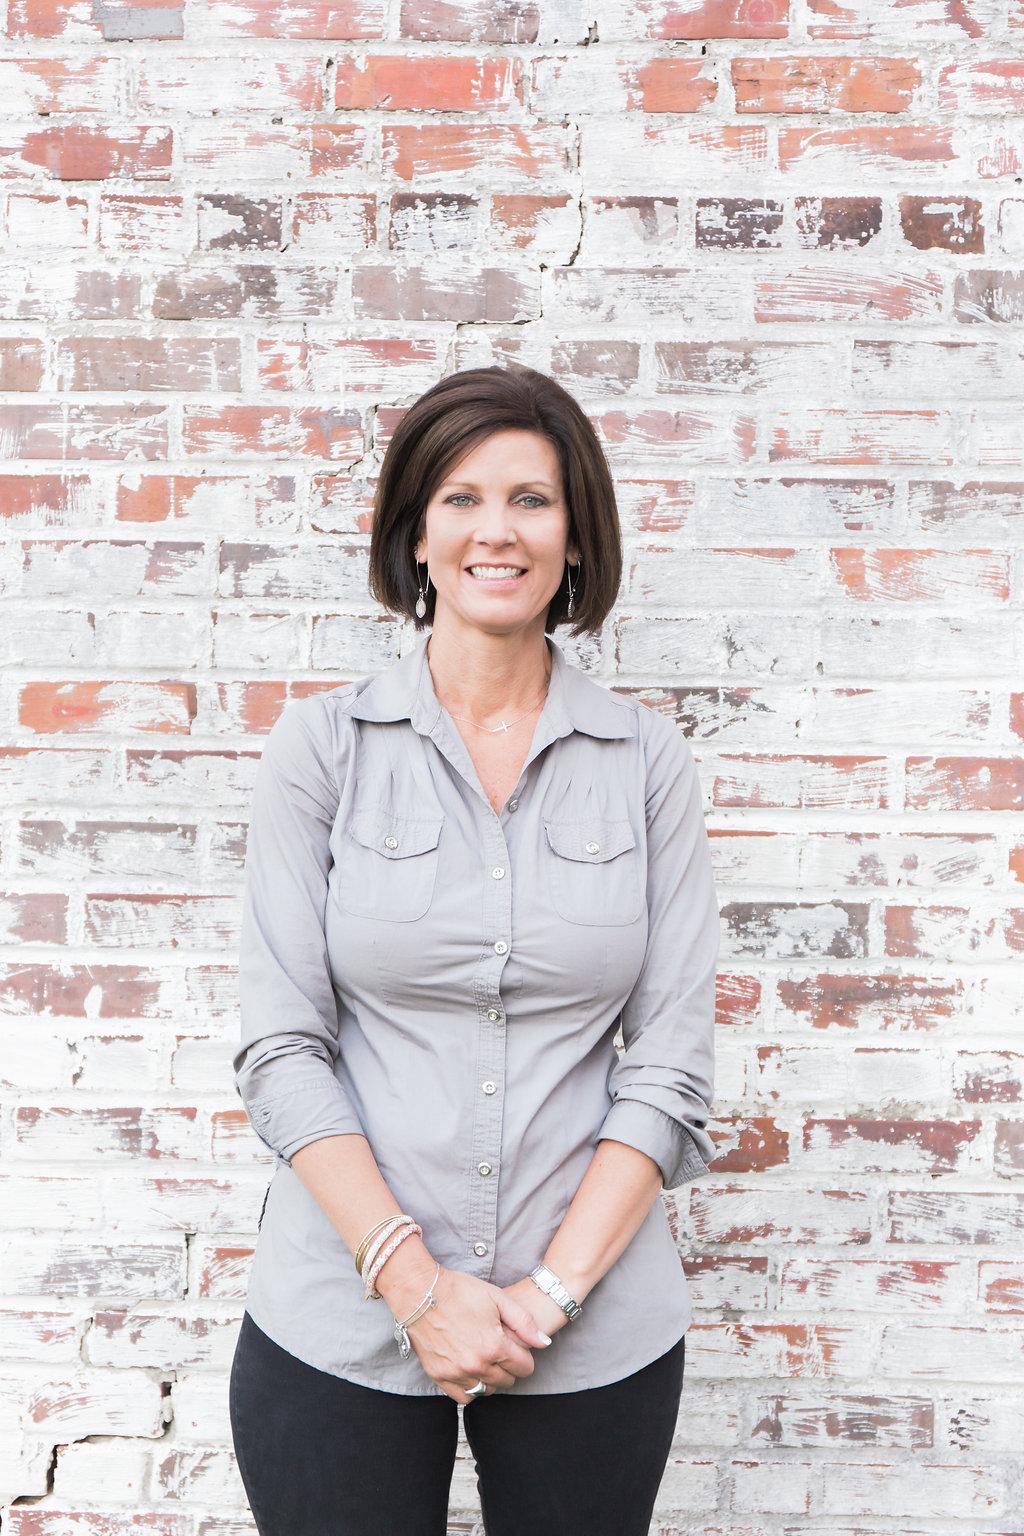 Cynthia Lynette Hatcher